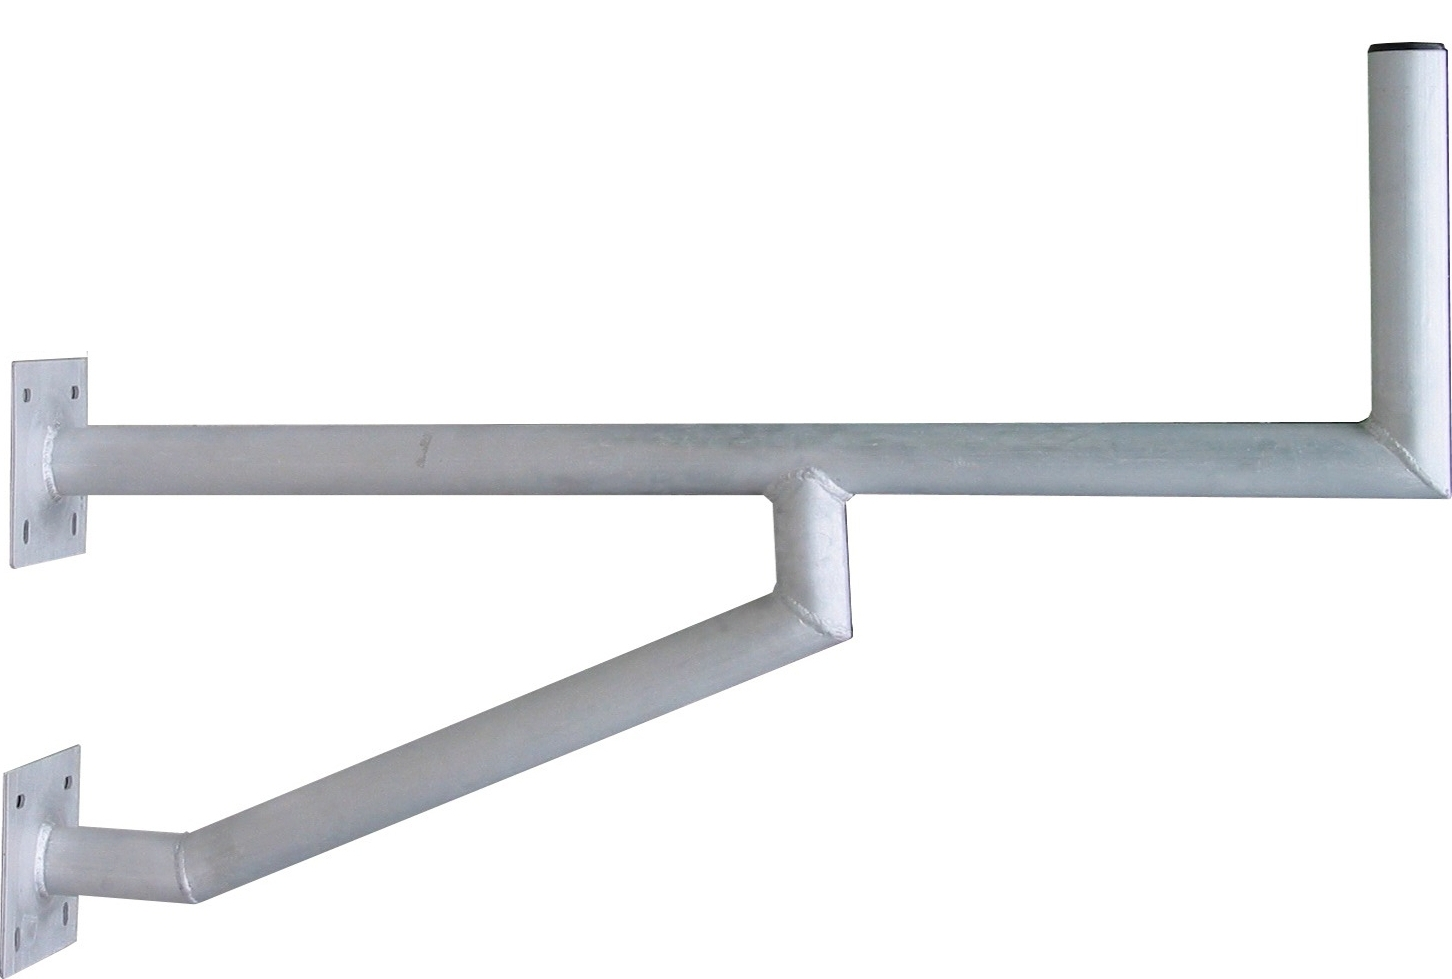 1 Stk SAT Wandhalter,Wandabst.=970mm,H=250mm,2x175x175,DM=50mm,Alu HSATMW97A-